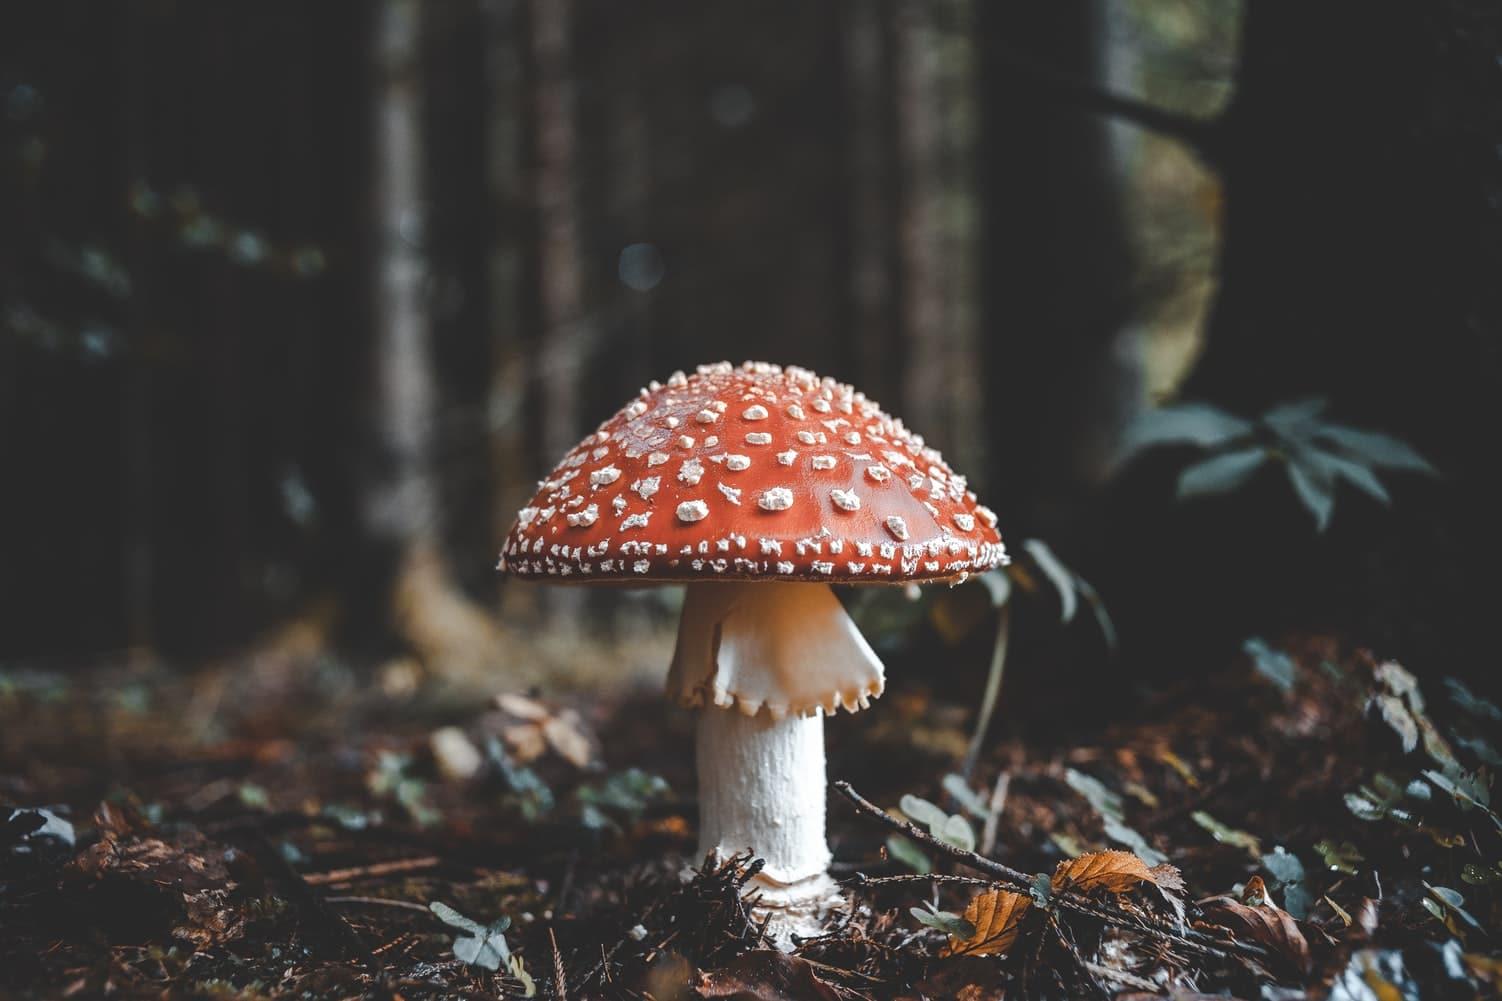 champignon vénéneux amanite toxique foret